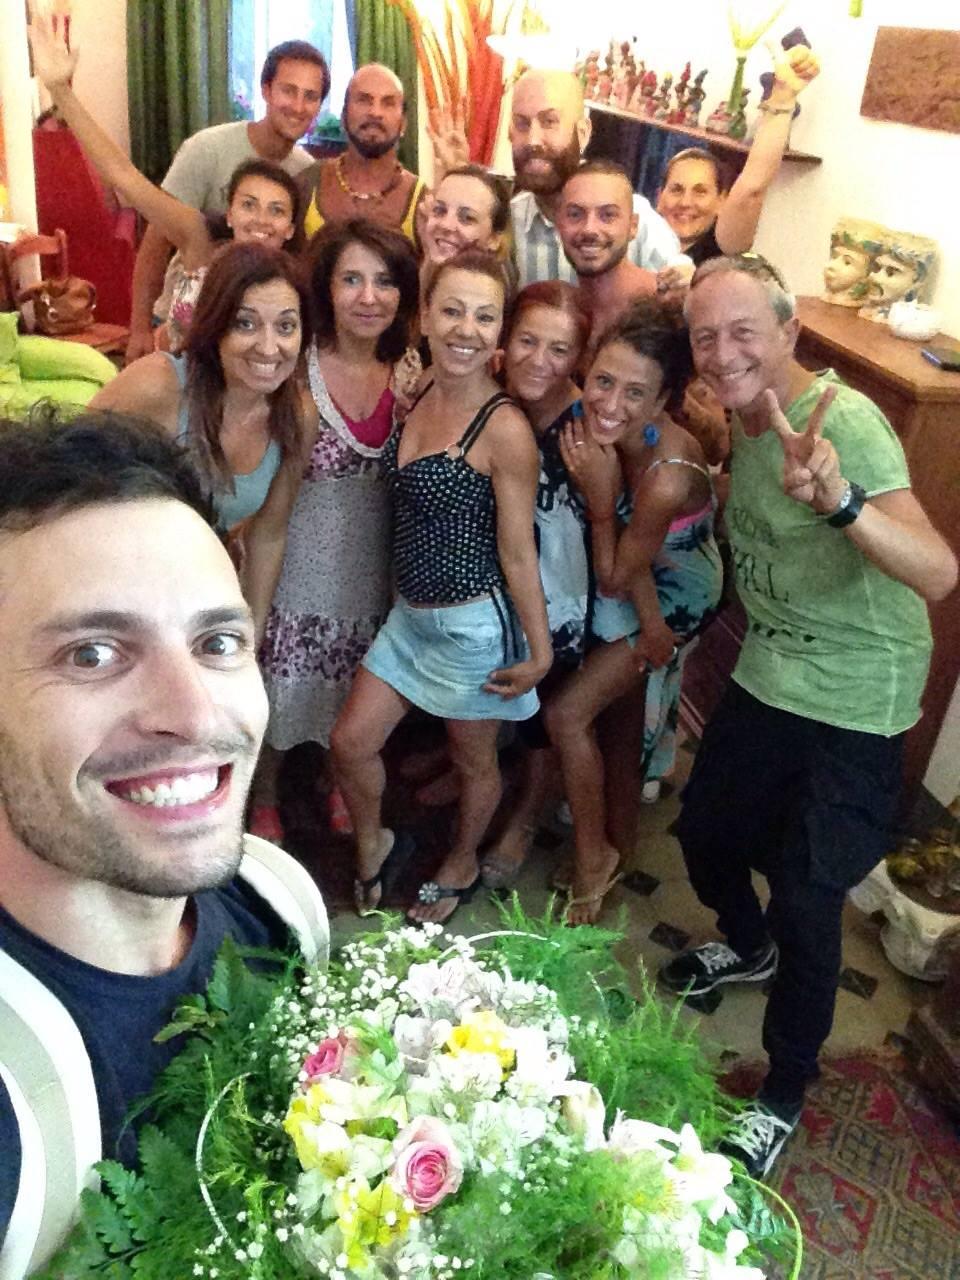 岩石教会在意大利快乐一起,在细胞团体微笑和平之后